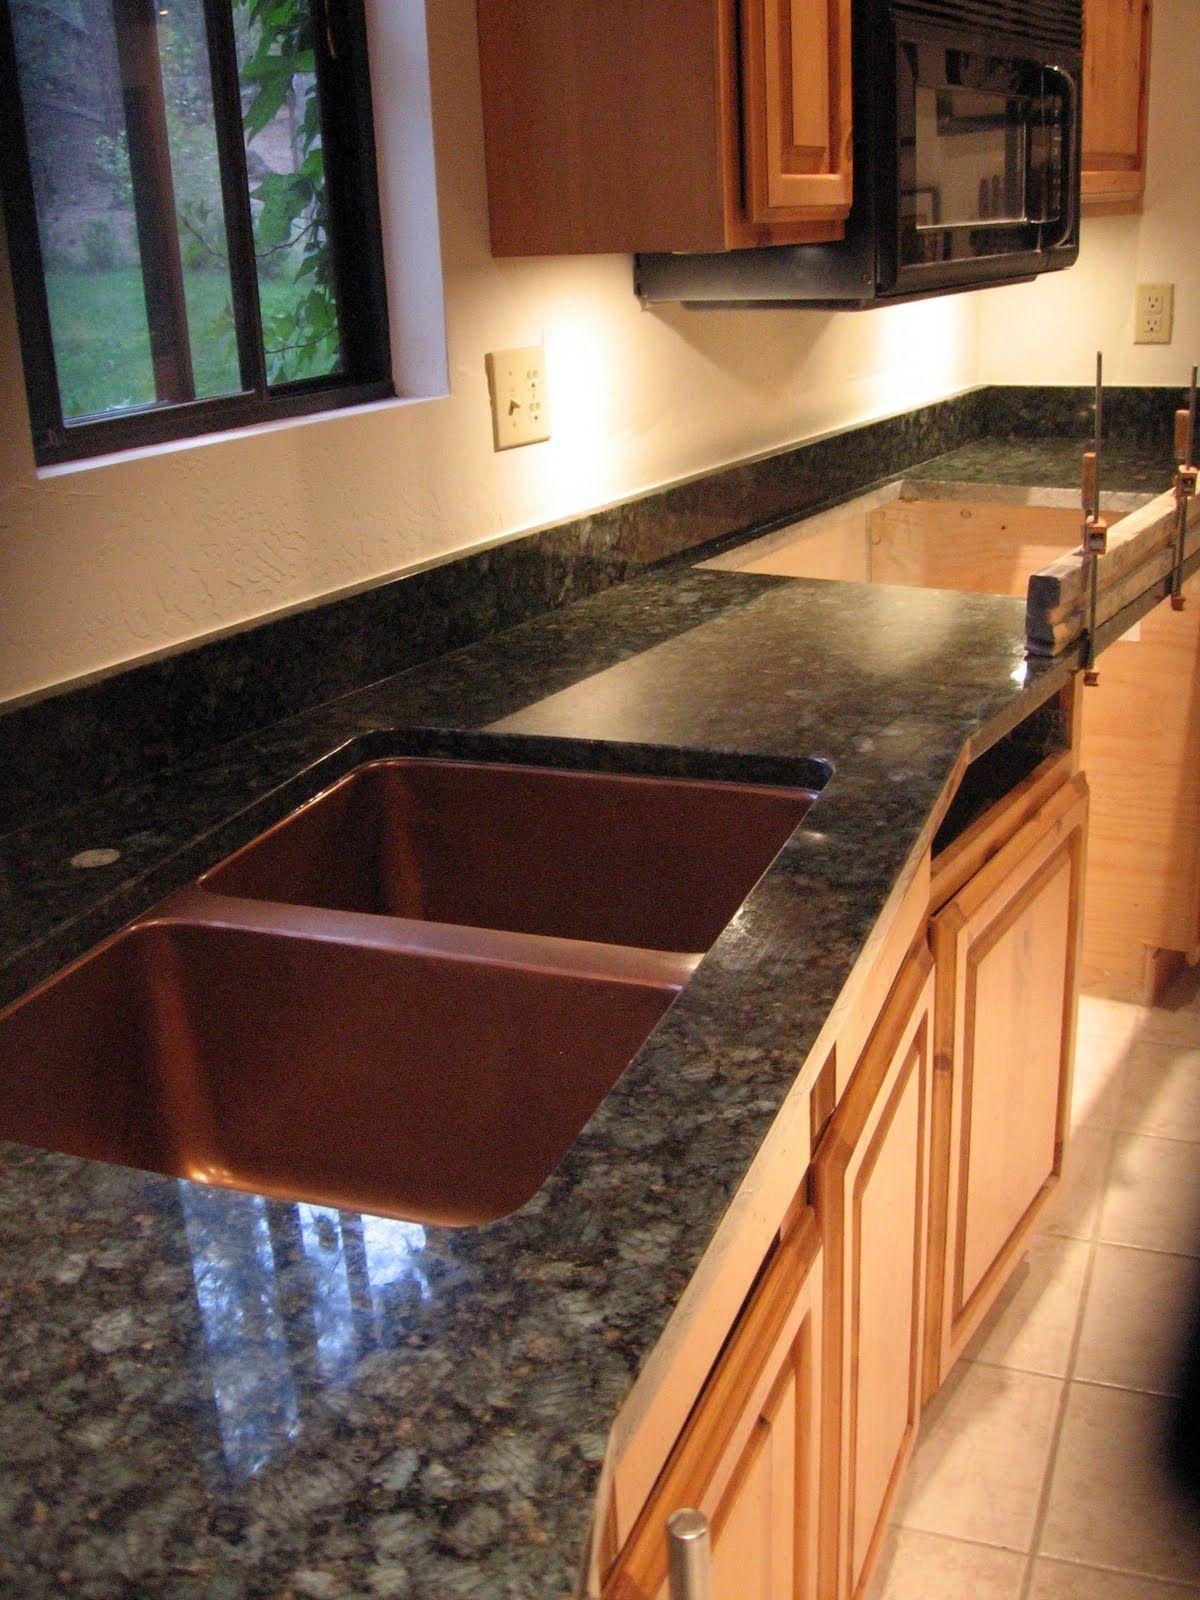 Image Result For Backsplash Verde Erfly Granite